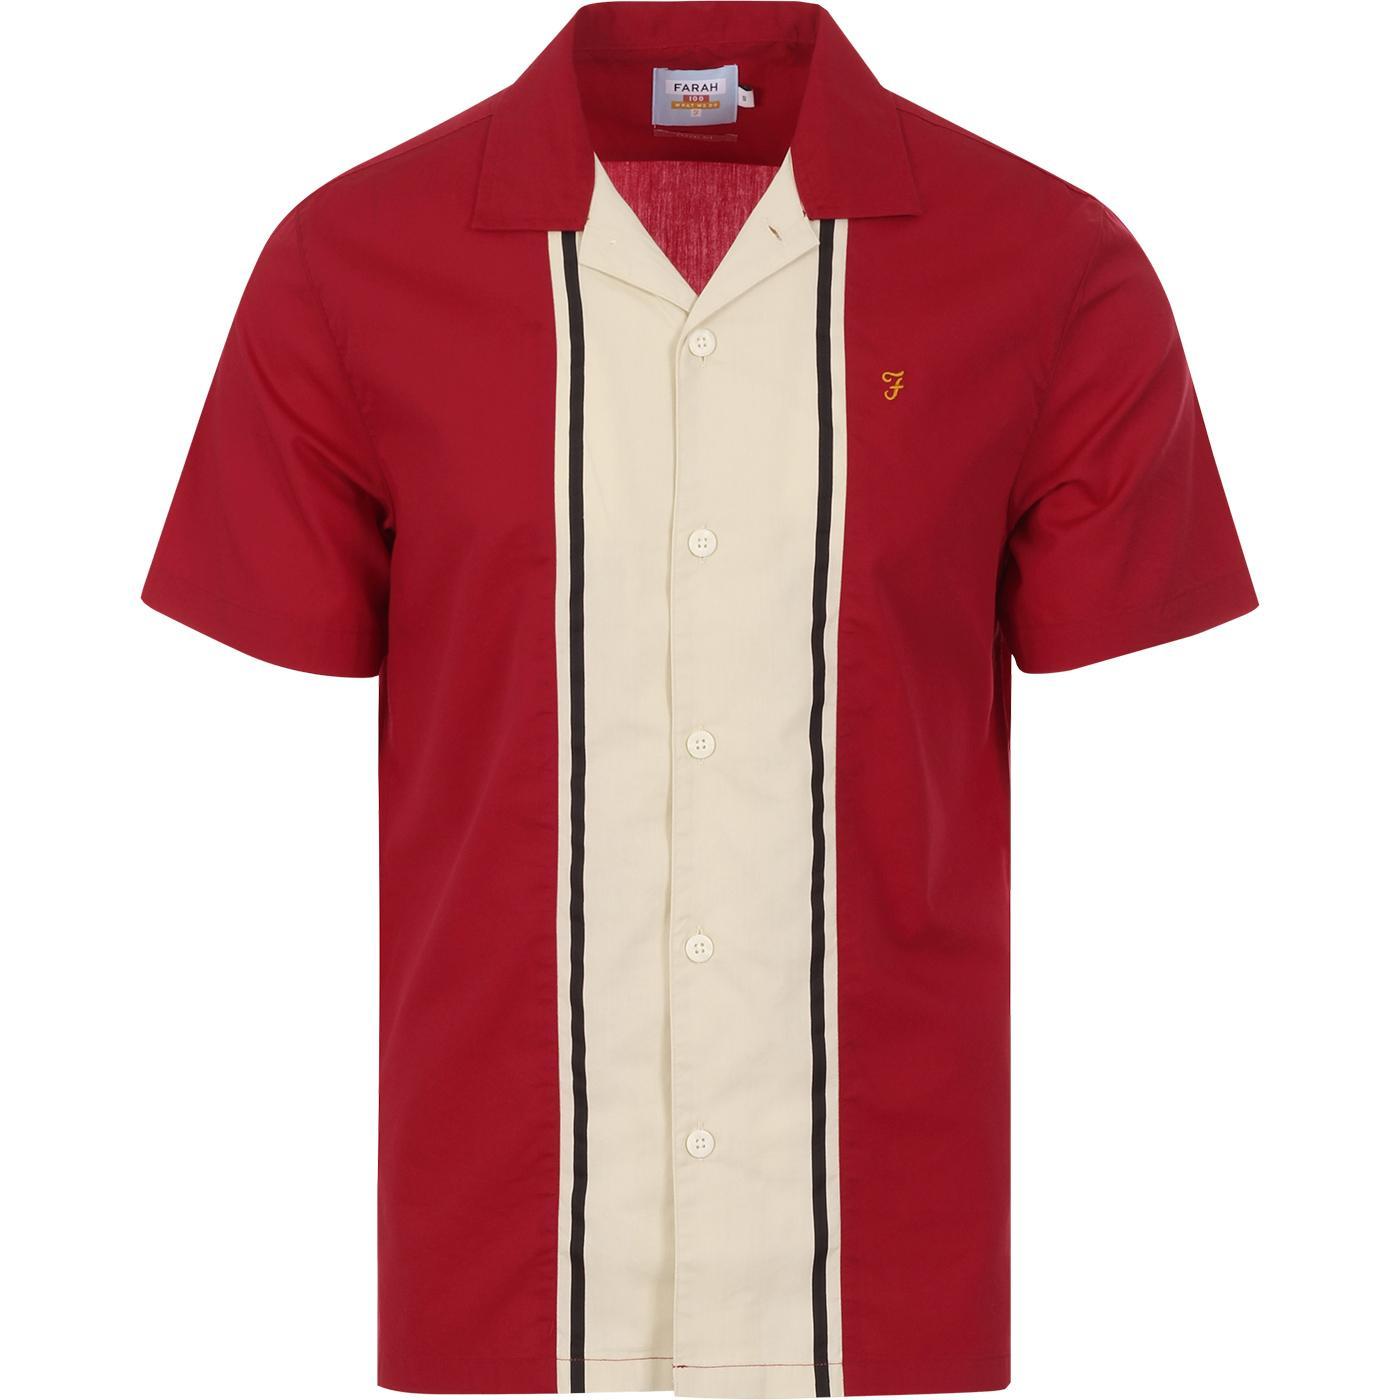 Houston FARAH 100 Mod Stripe Bowling Shirt (Red)